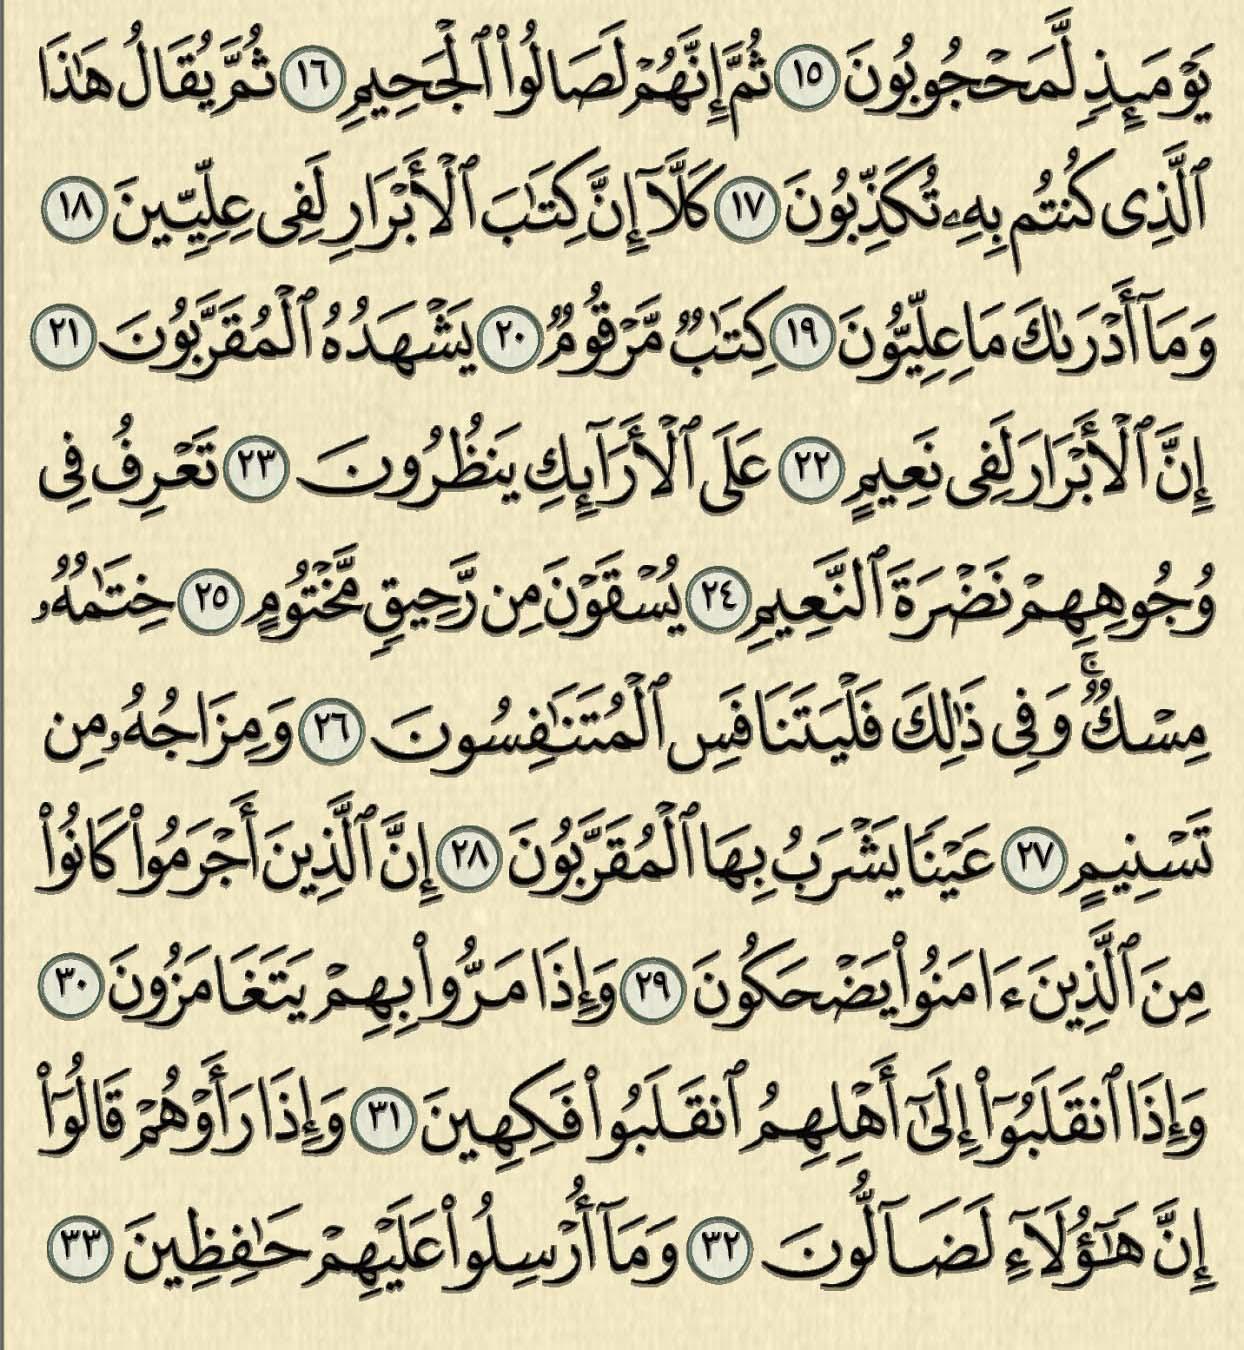 شرح وتفسير سورة المطففين, surah al mutaffifin